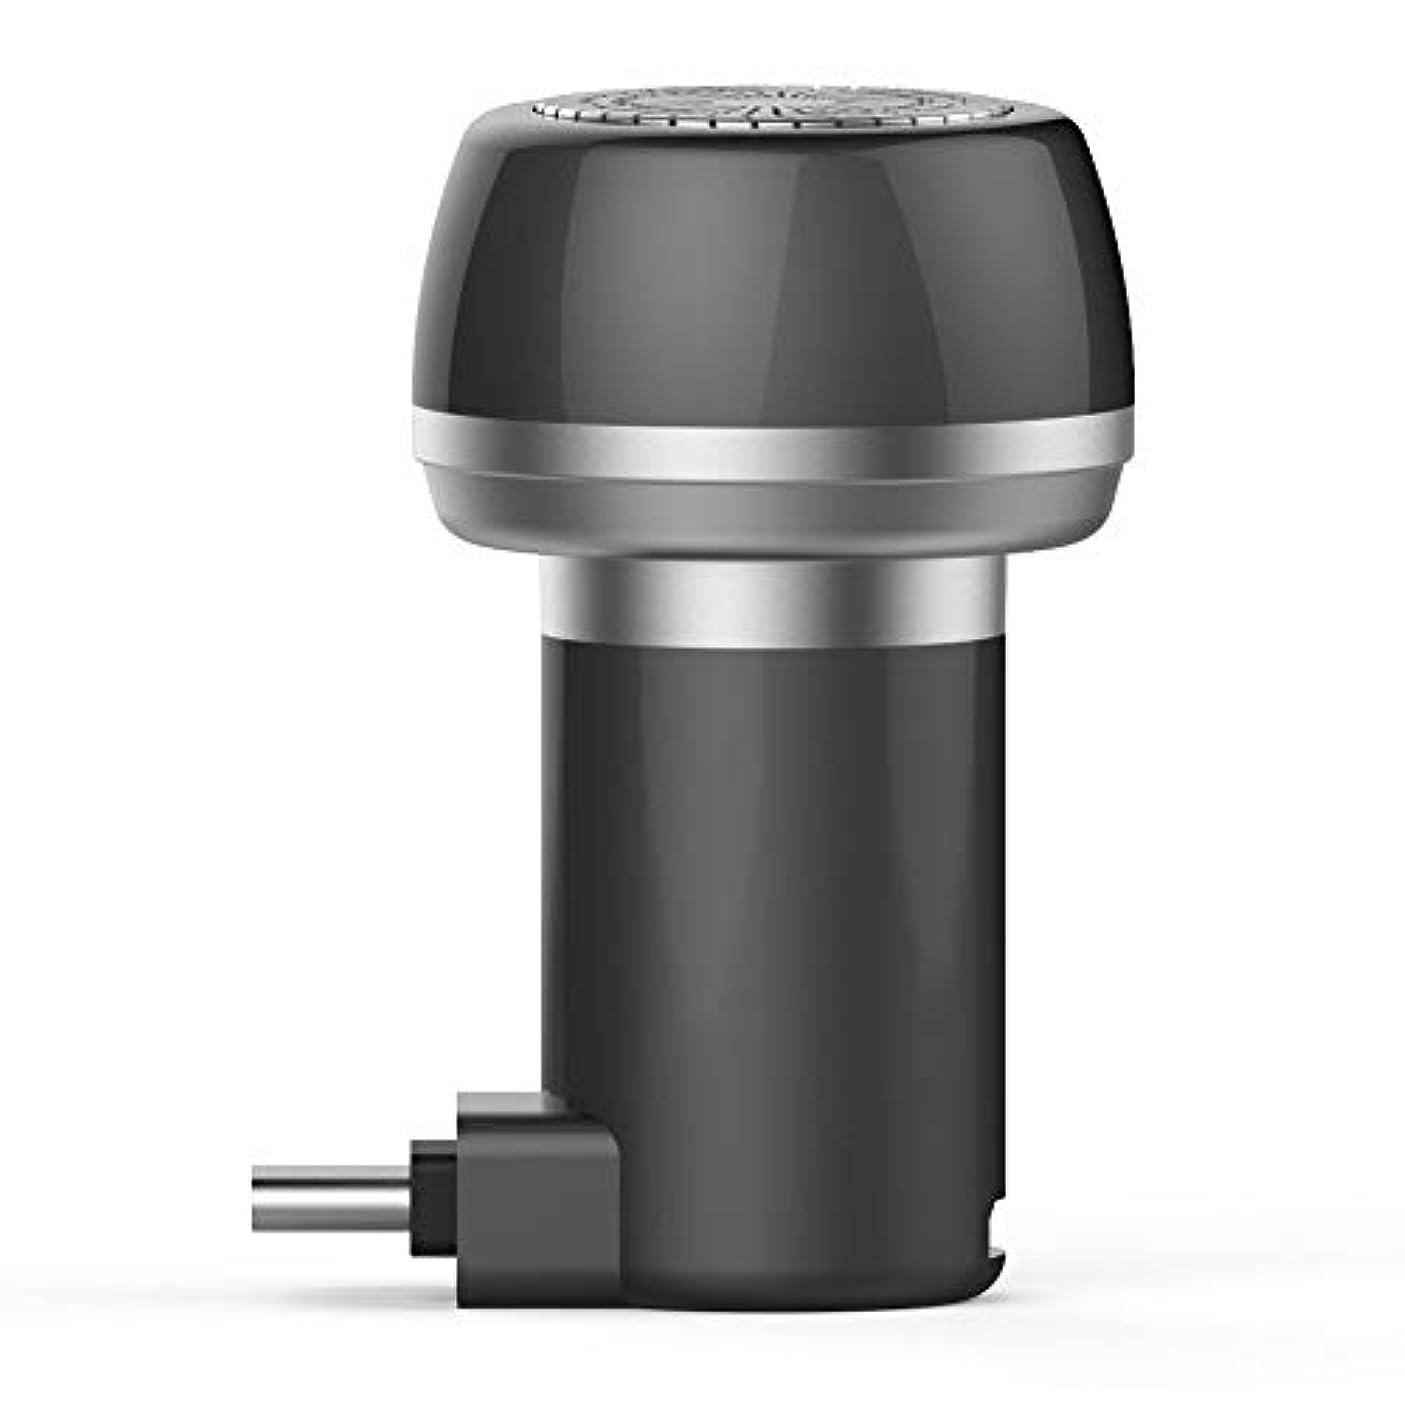 スタウト一目兵士Symboat 2 1磁気電気シェーバーミニポータブルType-C 男と女 USB防水剃刀 電気シェーバー 洗い可 旅行する